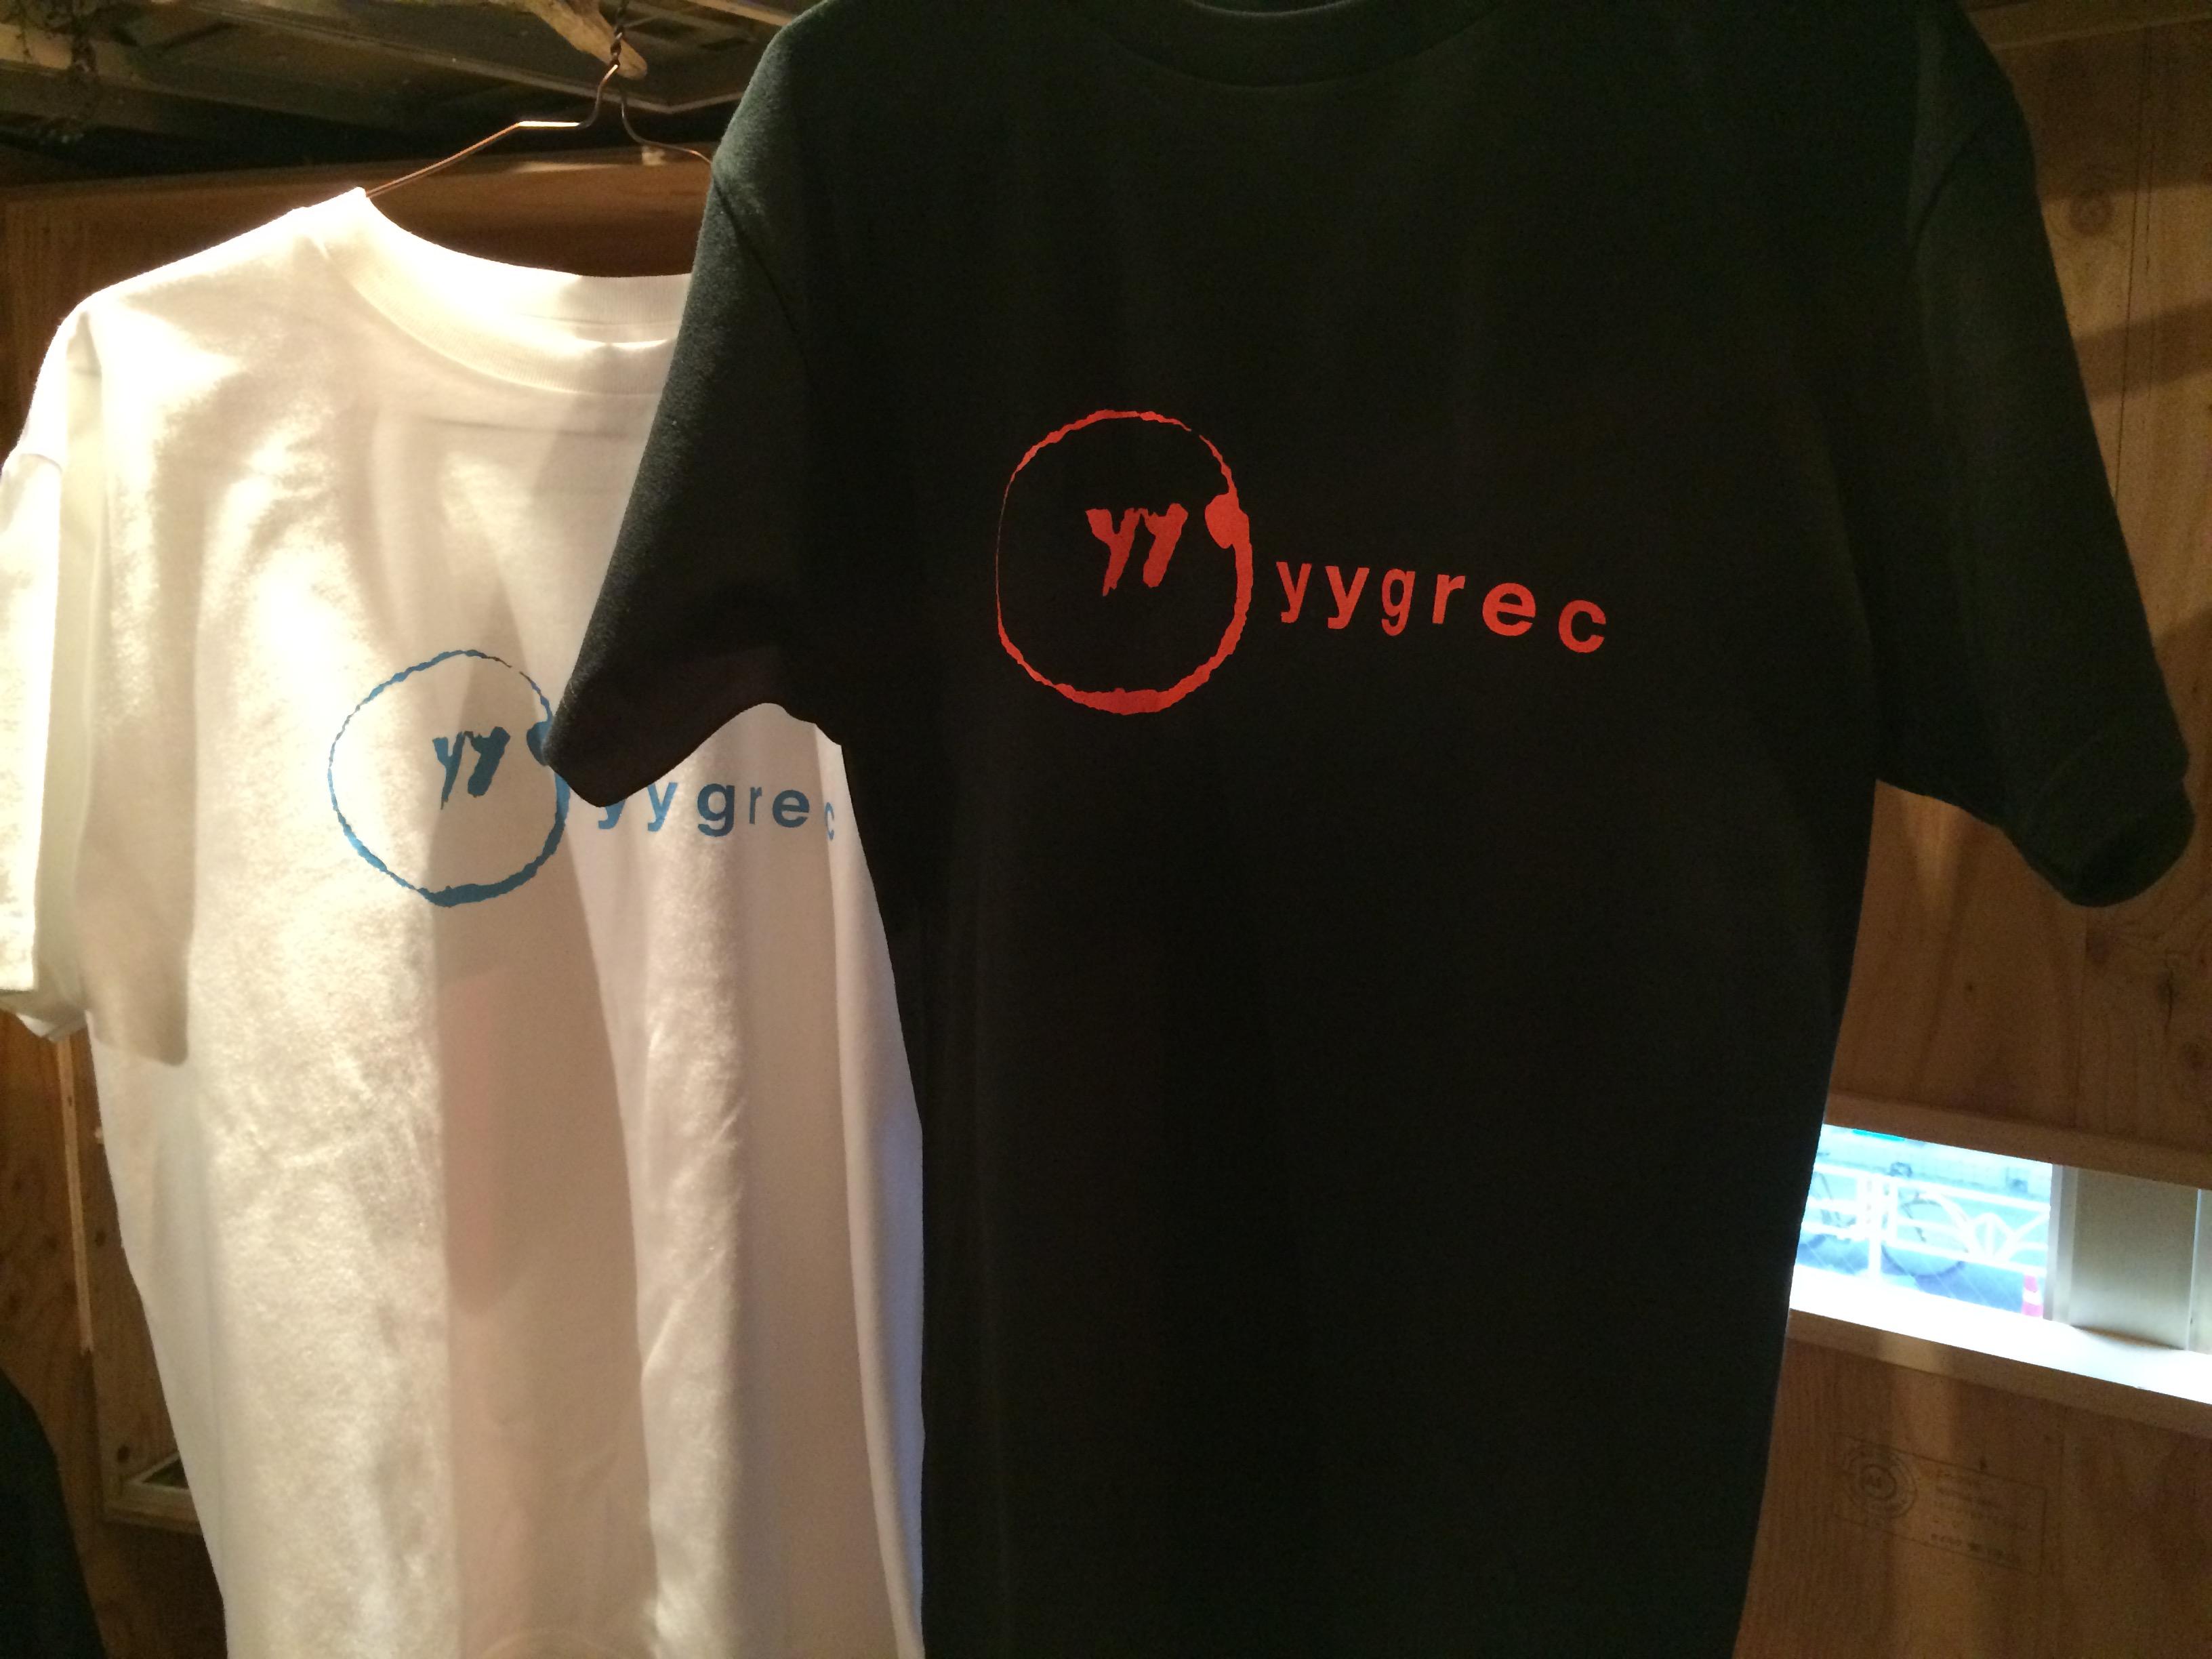 yygrec_tee